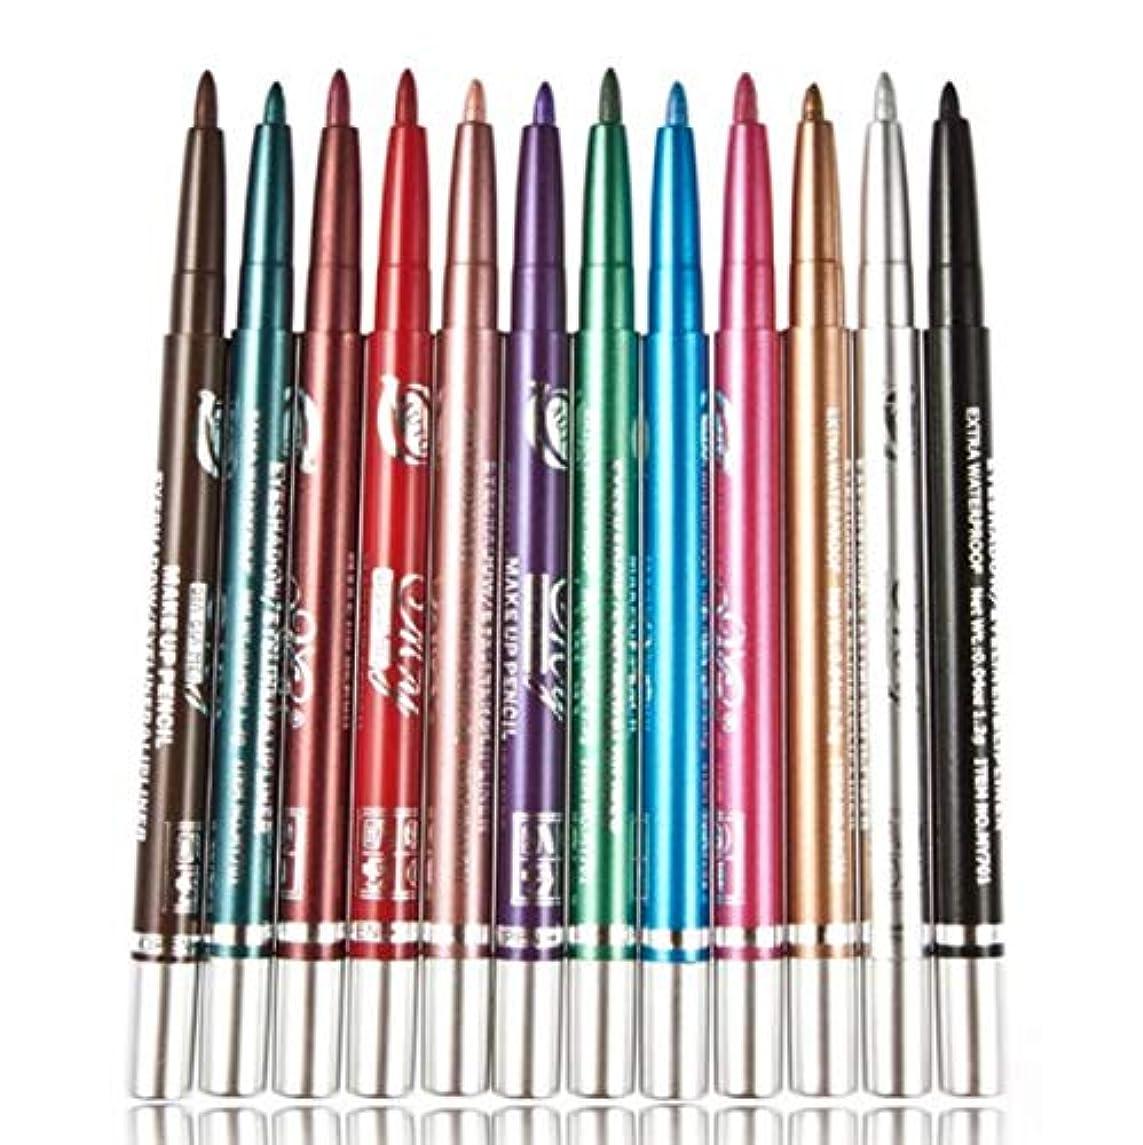 最も早い不毛の聡明Odette 12色 アイシャドウペン アイライナー アイライナー ペンシル Eyeliner リップライン 速乾性 防水性 防汗性 長持ちし 化粧品をはがせるのが簡単 (Color-#5)